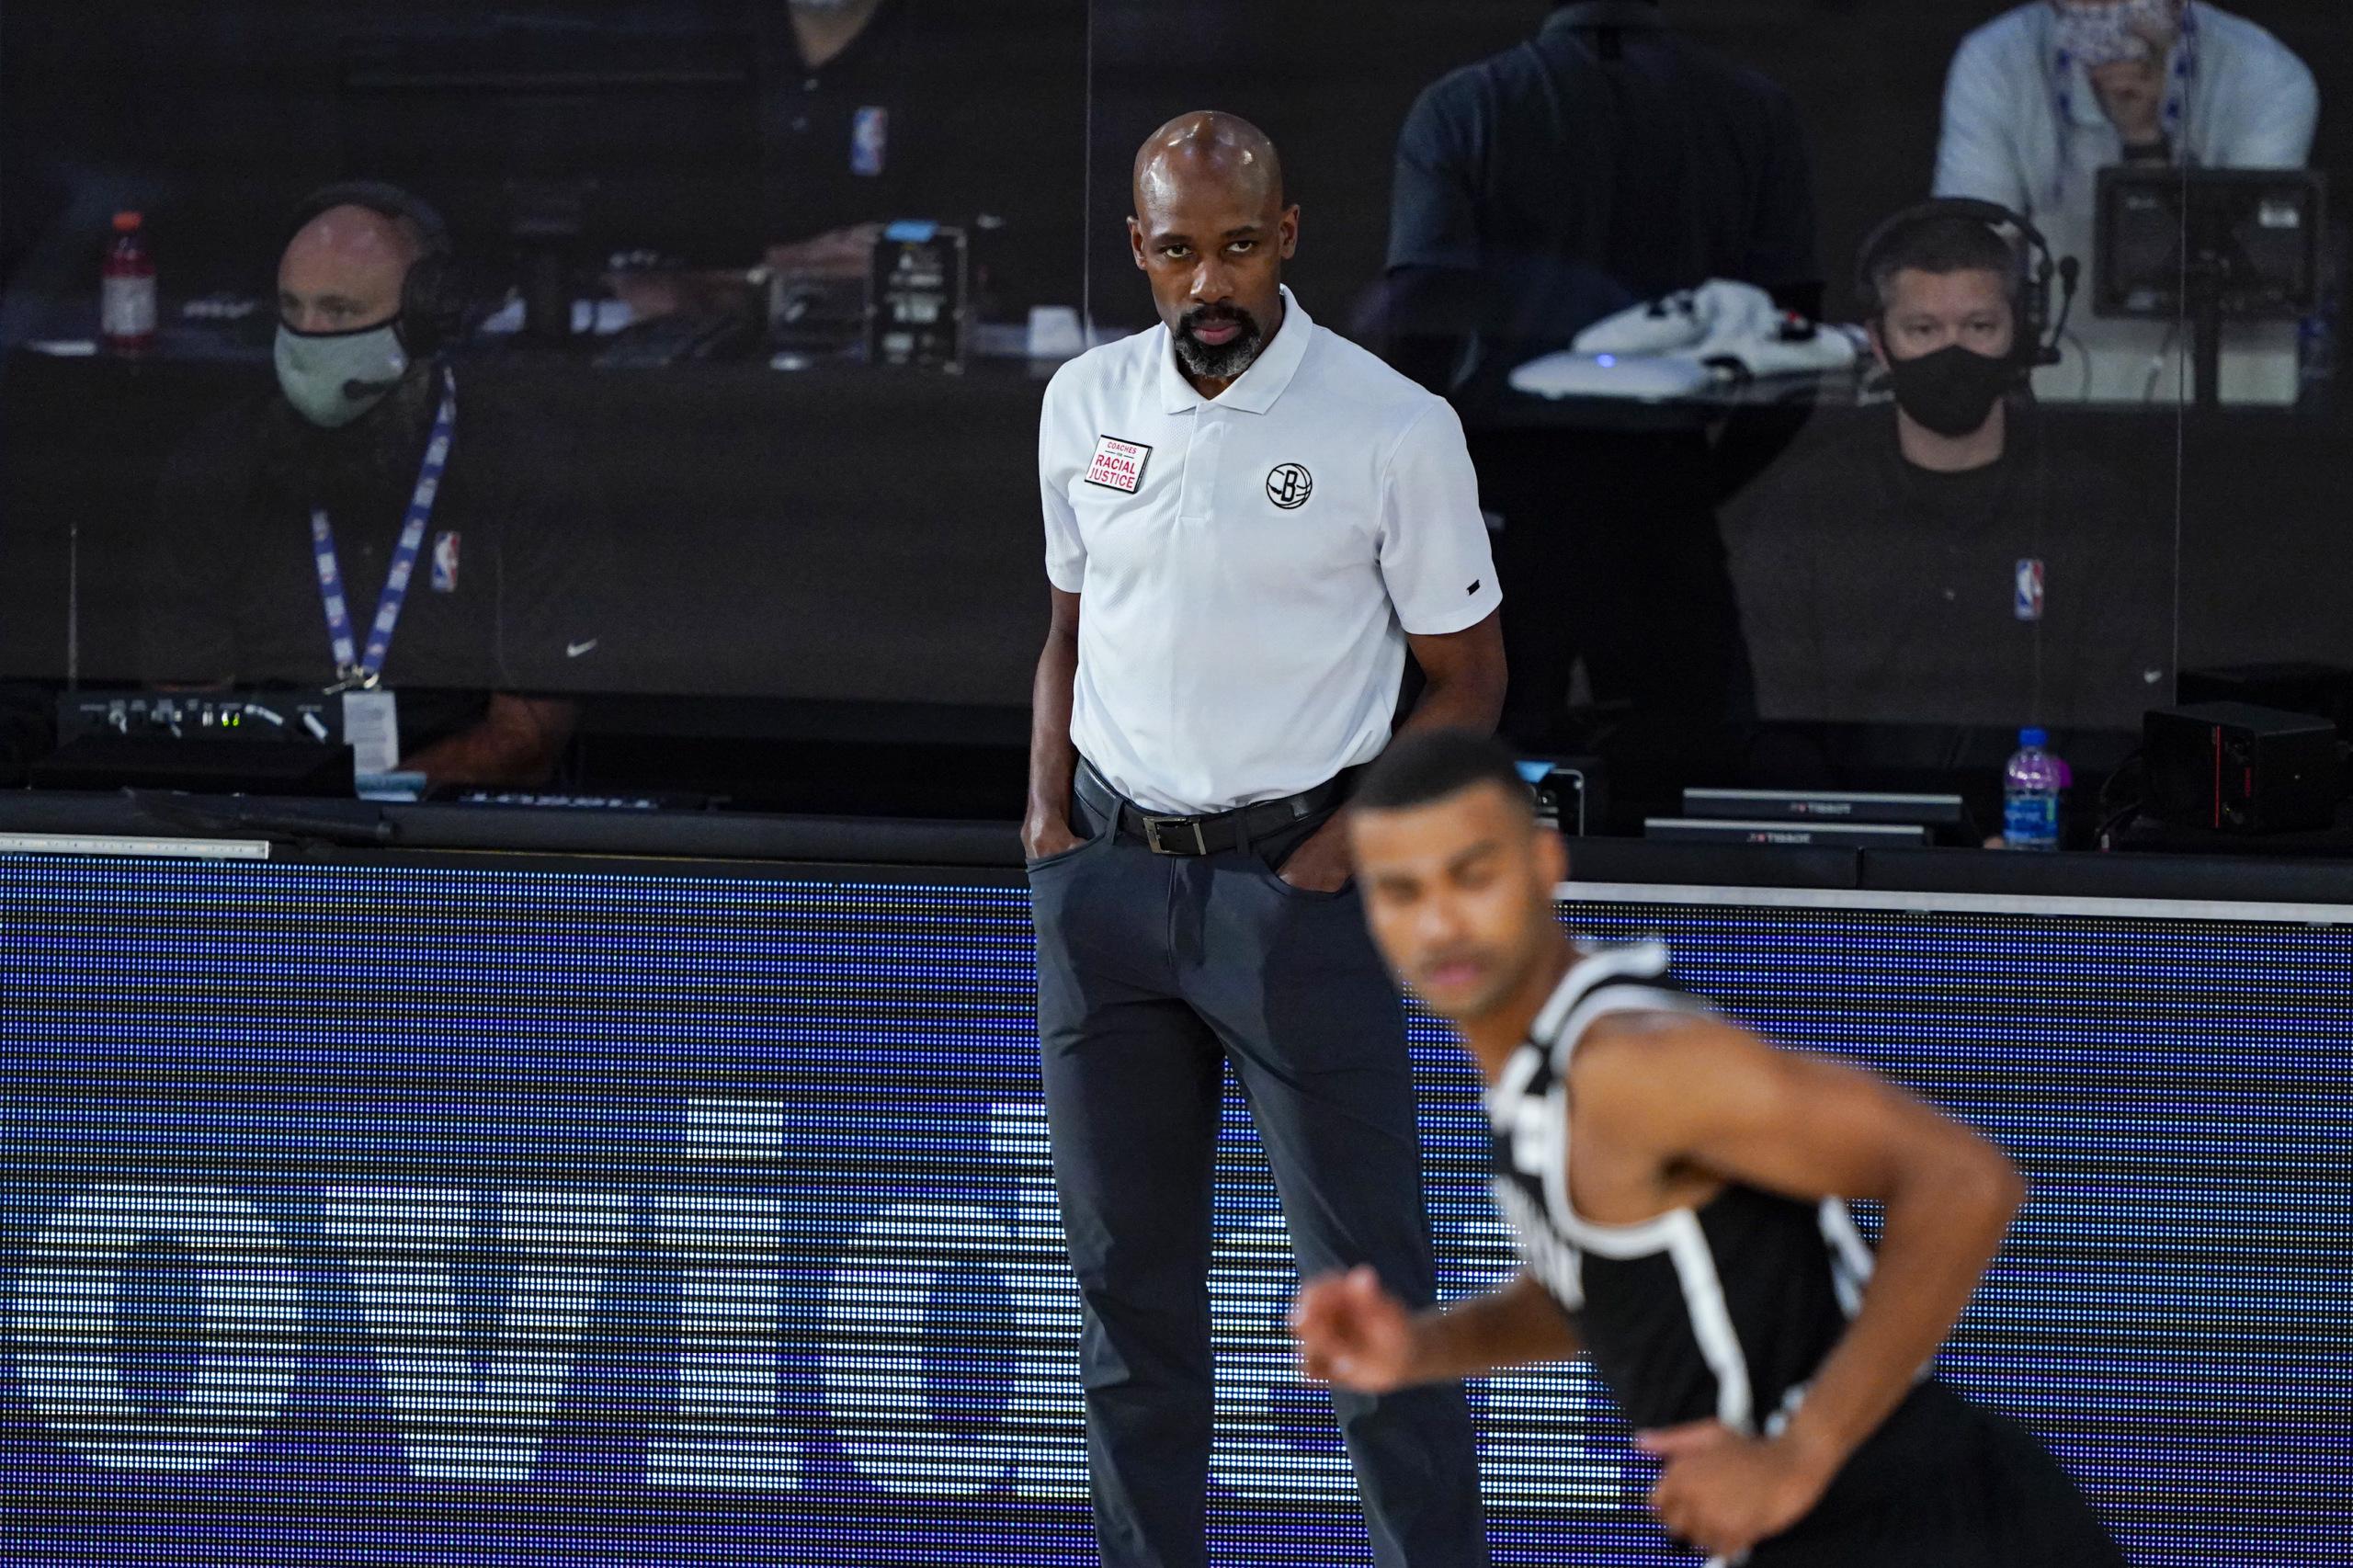 Nets' Steve Nash Hire Reignites Talks About NBA's Lack of Black Coaches